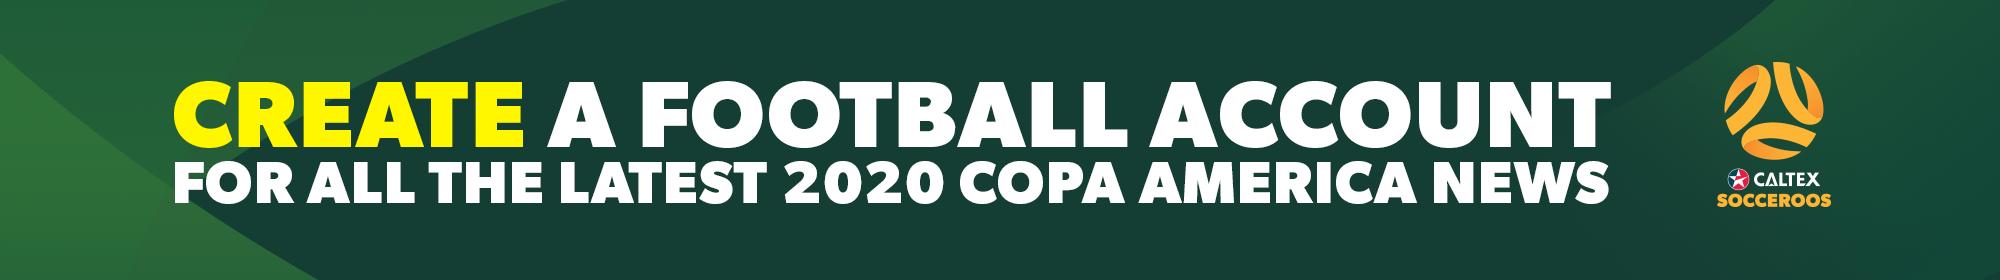 Copa-America-Socceroos-Account